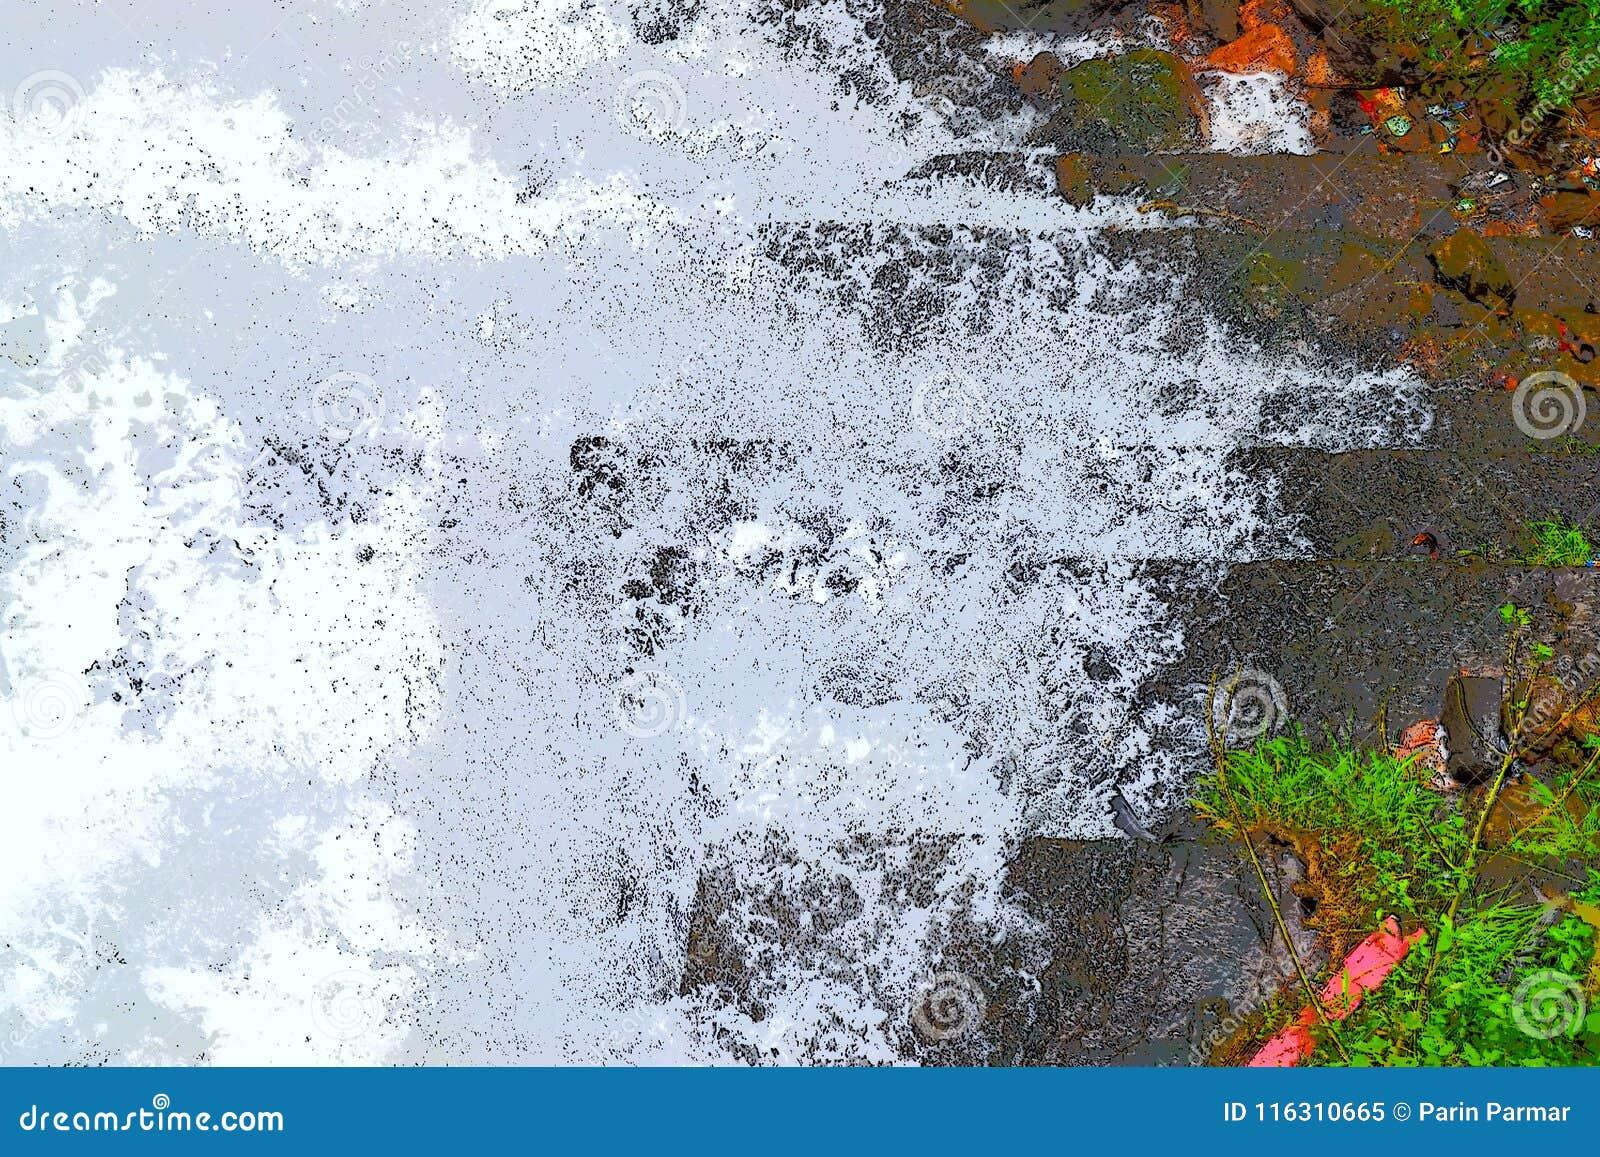 Abstrakt bakgrund - stänk av vitt skummande vatten mot skuggor av gräsplan och grå färger